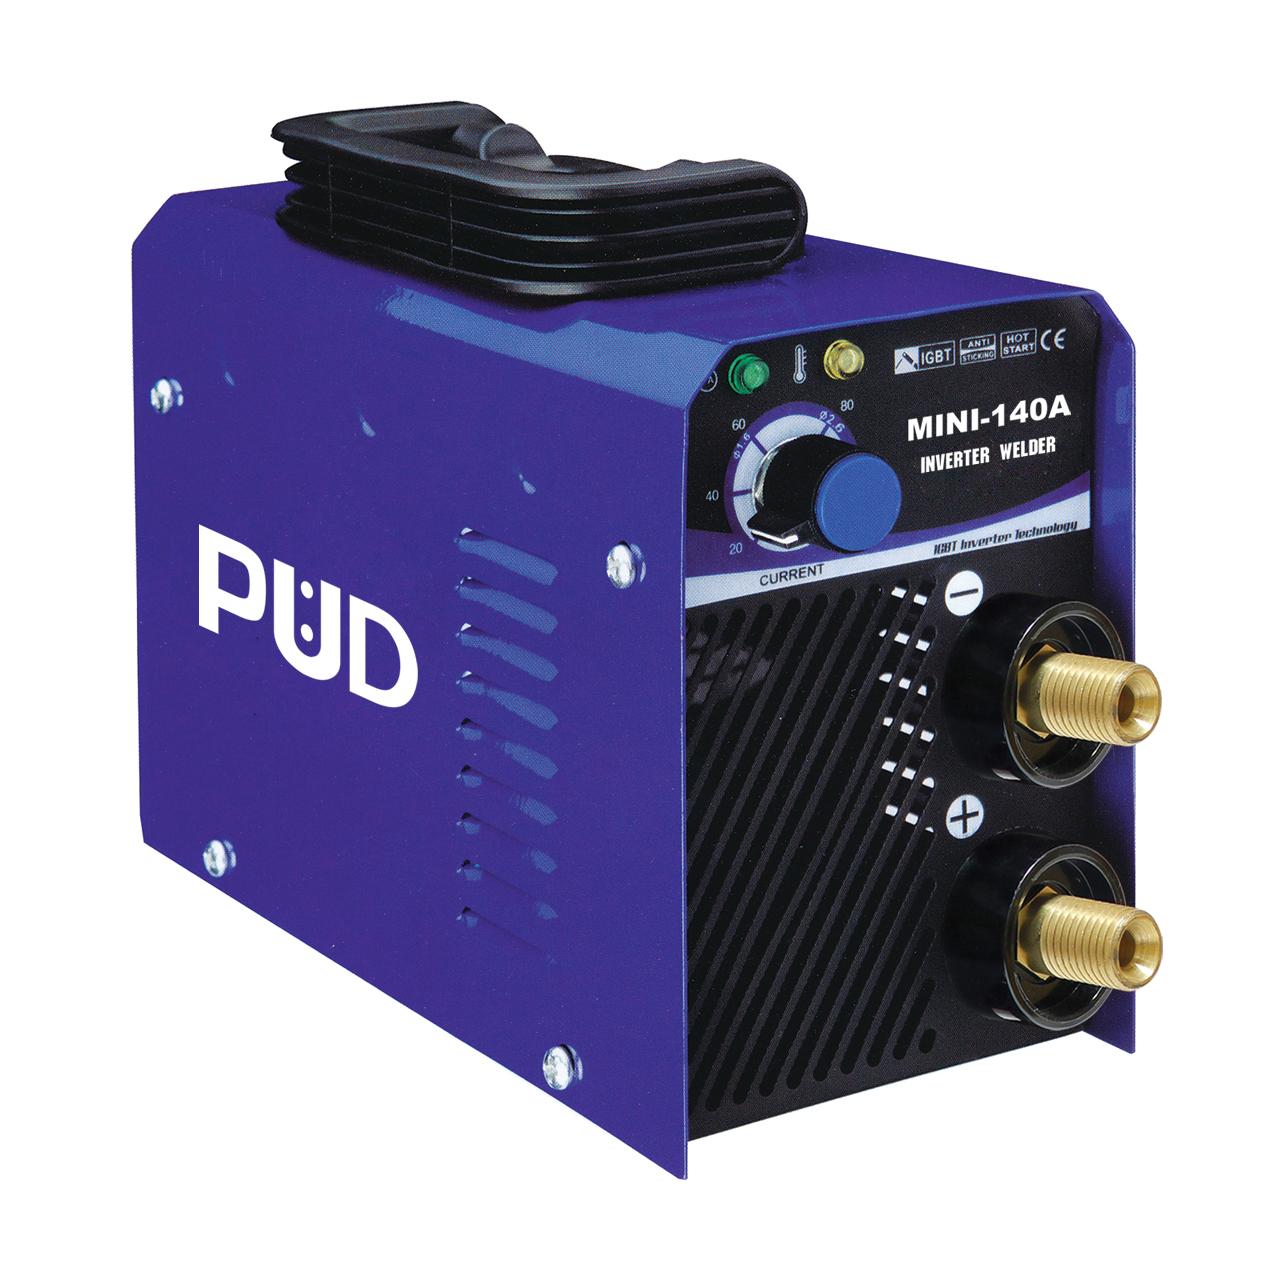 เครื่องเชื่อม IGBT อินเวอร์เตอร์กระแสไฟ 140A PUD MINI 140A